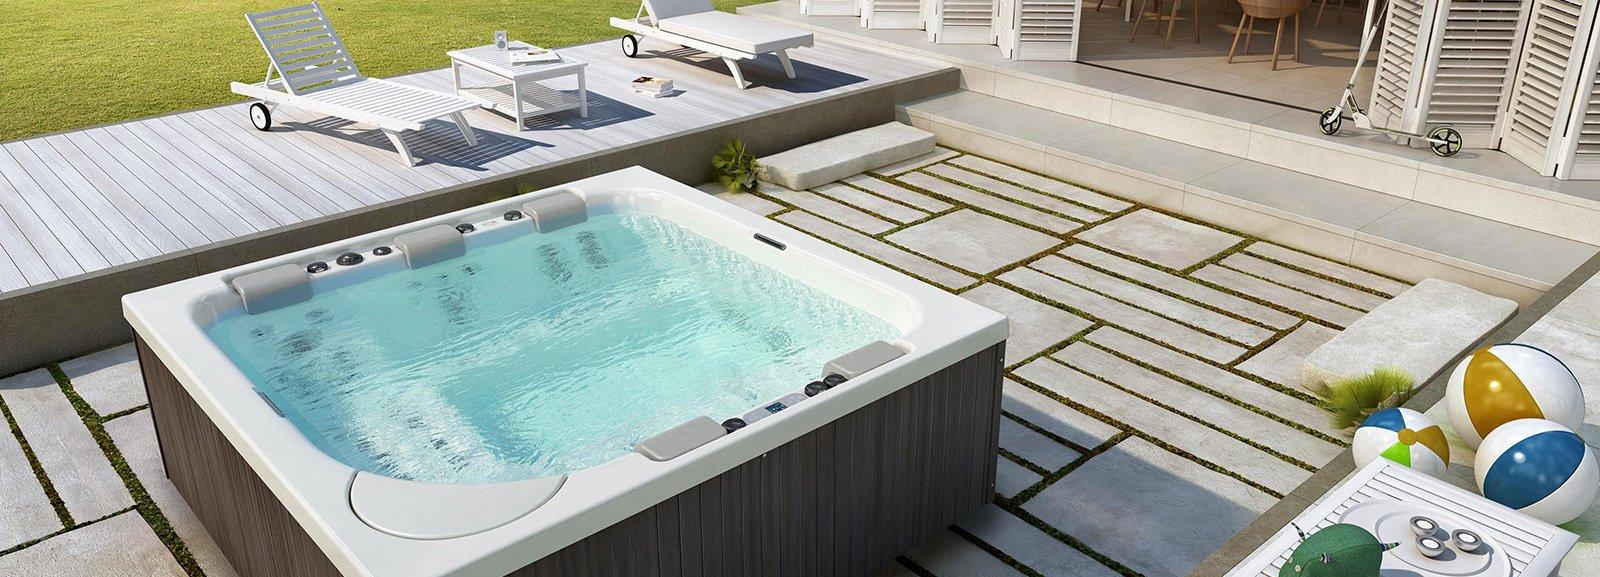 Minipiscine da esterno benessere all aperto cose di casa - Vasca idro da esterno ...